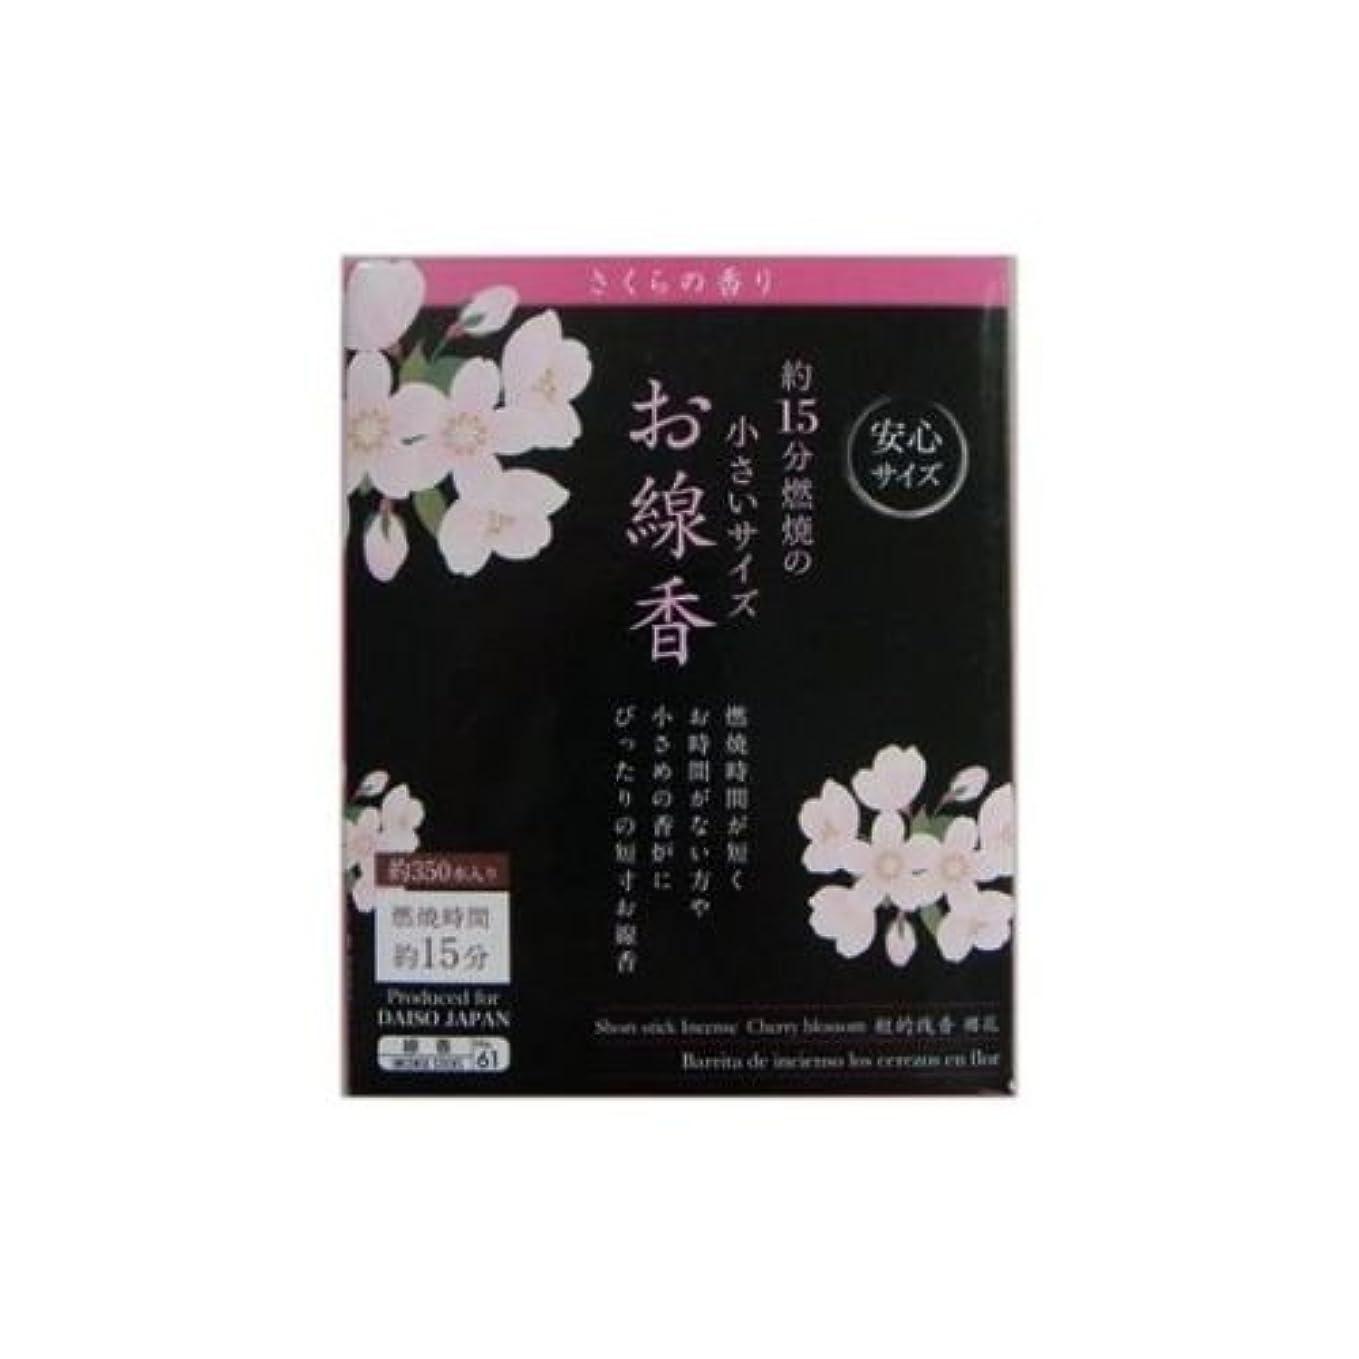 水曜日正確に解読するDaiso Senko Japanese Incense桜ショートスティック9 cm-15min / 350 sticks